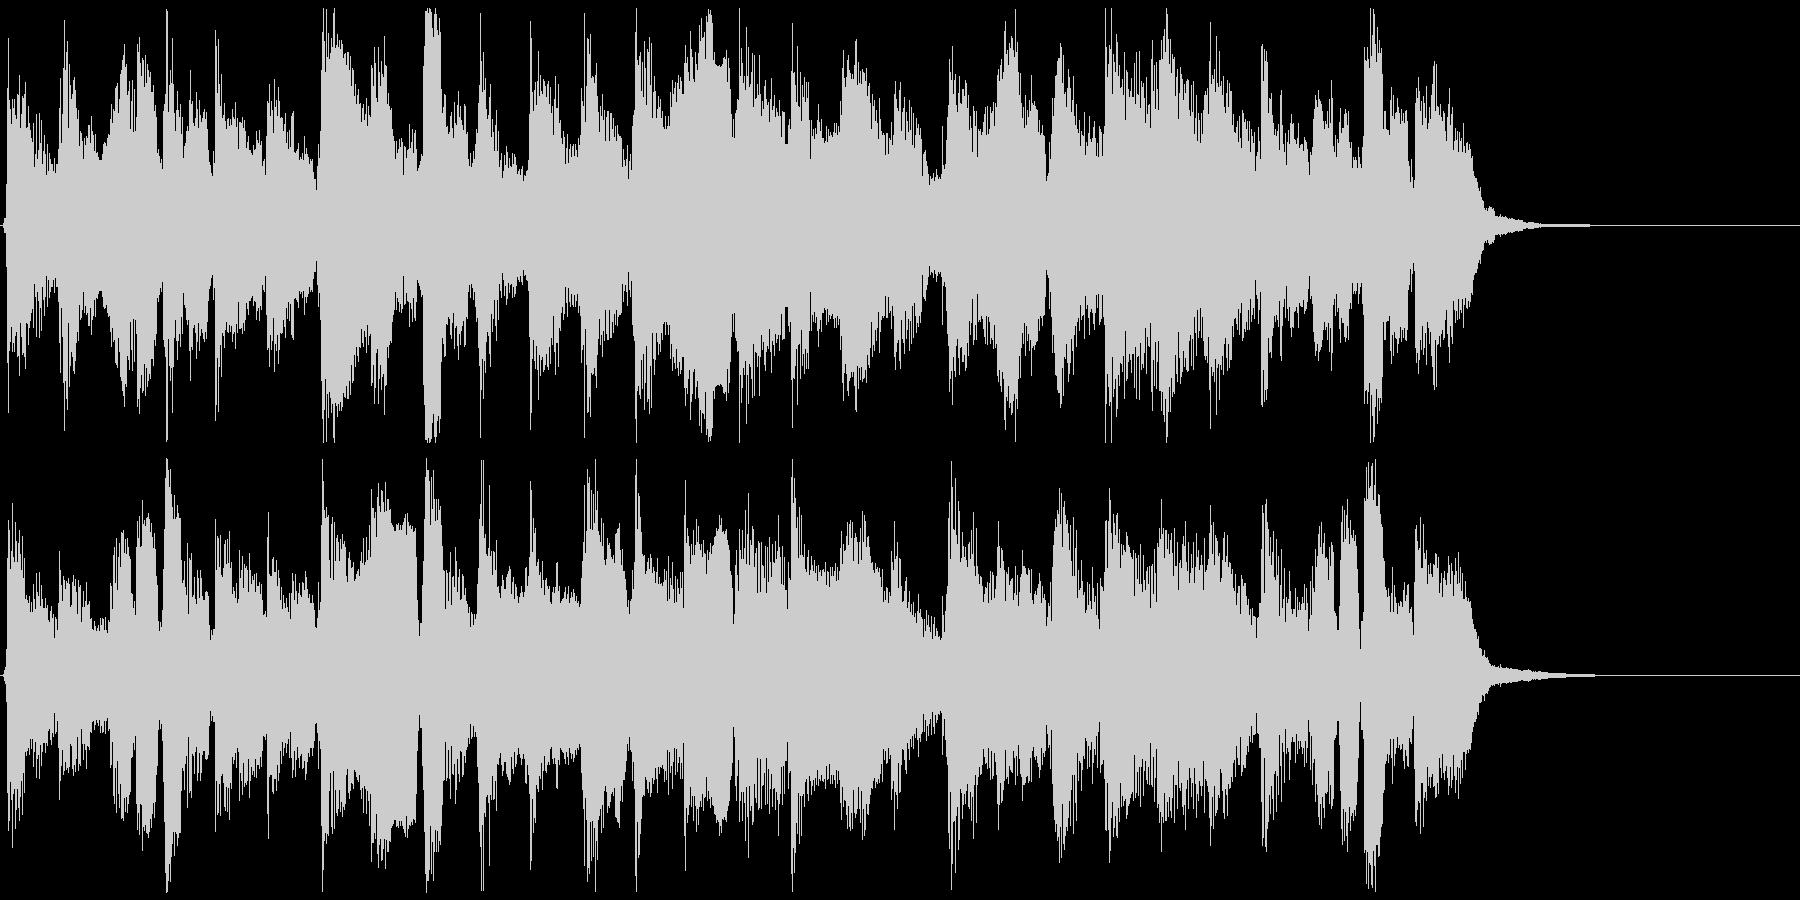 のほほんとした可愛いリコーダージングルの未再生の波形